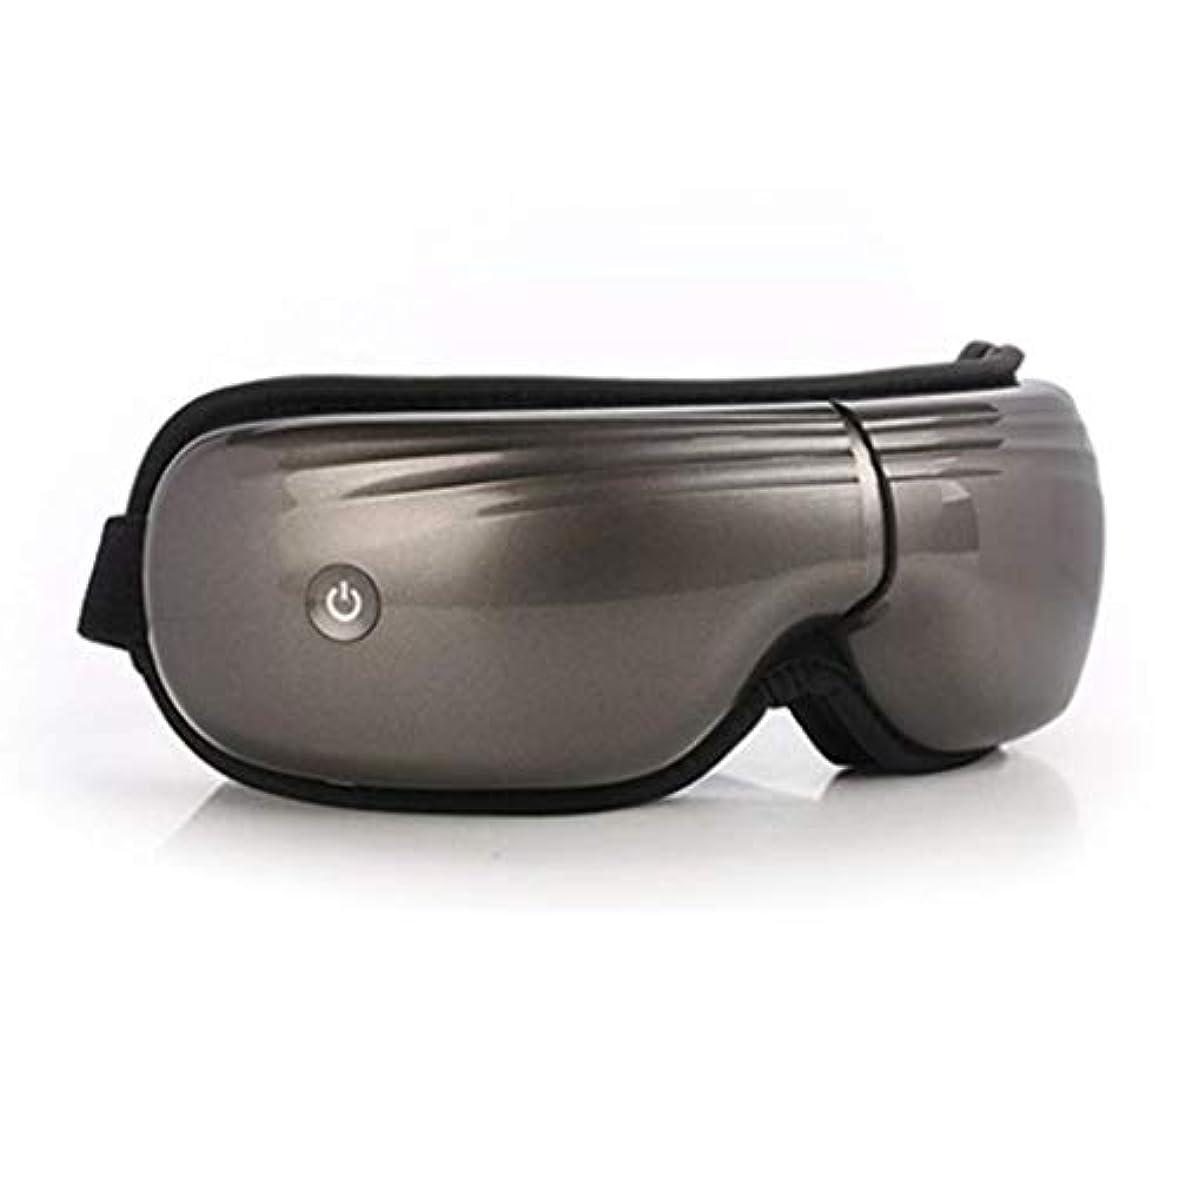 フルーティーぼんやりした霧アイマッサージアイマスク、アイマッサージャー、USB充電式ポータブルアイツール、ホットコンプレッションおよびフォールディングホーム、ダークサークルアイバッグおよびアイ疲労の改善、いつでも、いつでも持ち運びが簡単